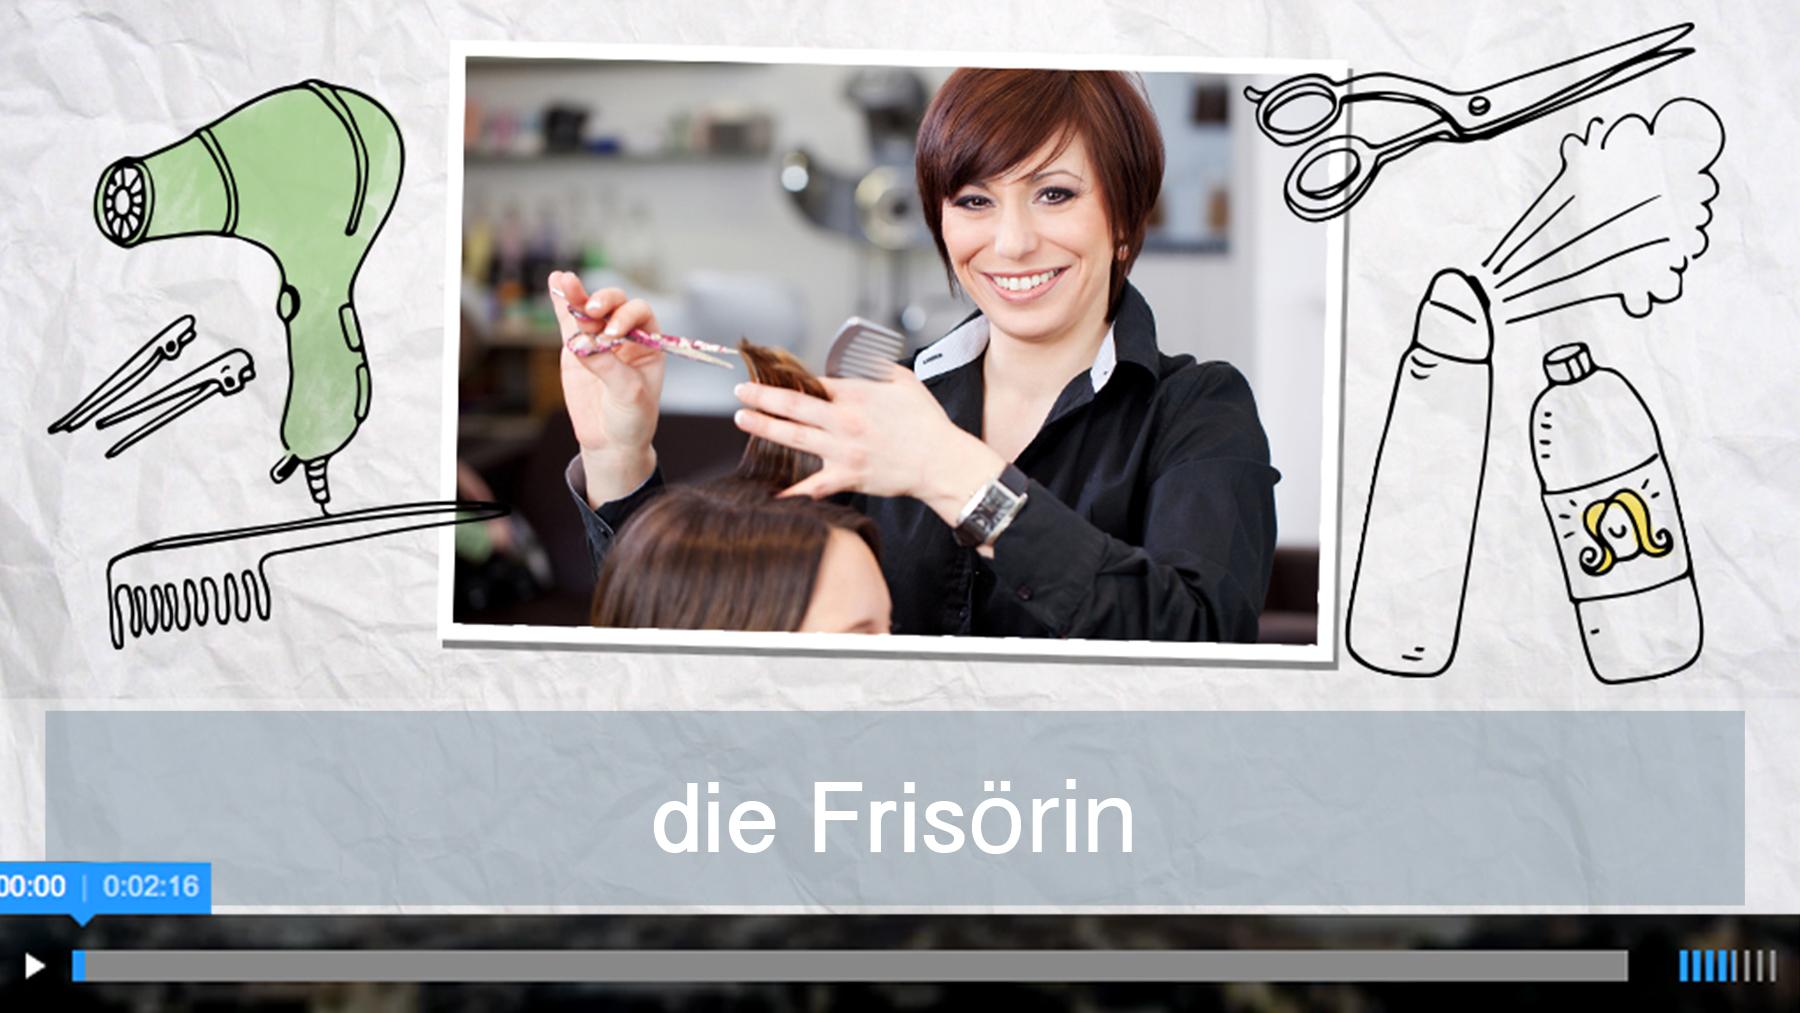 dw-die-friseurin